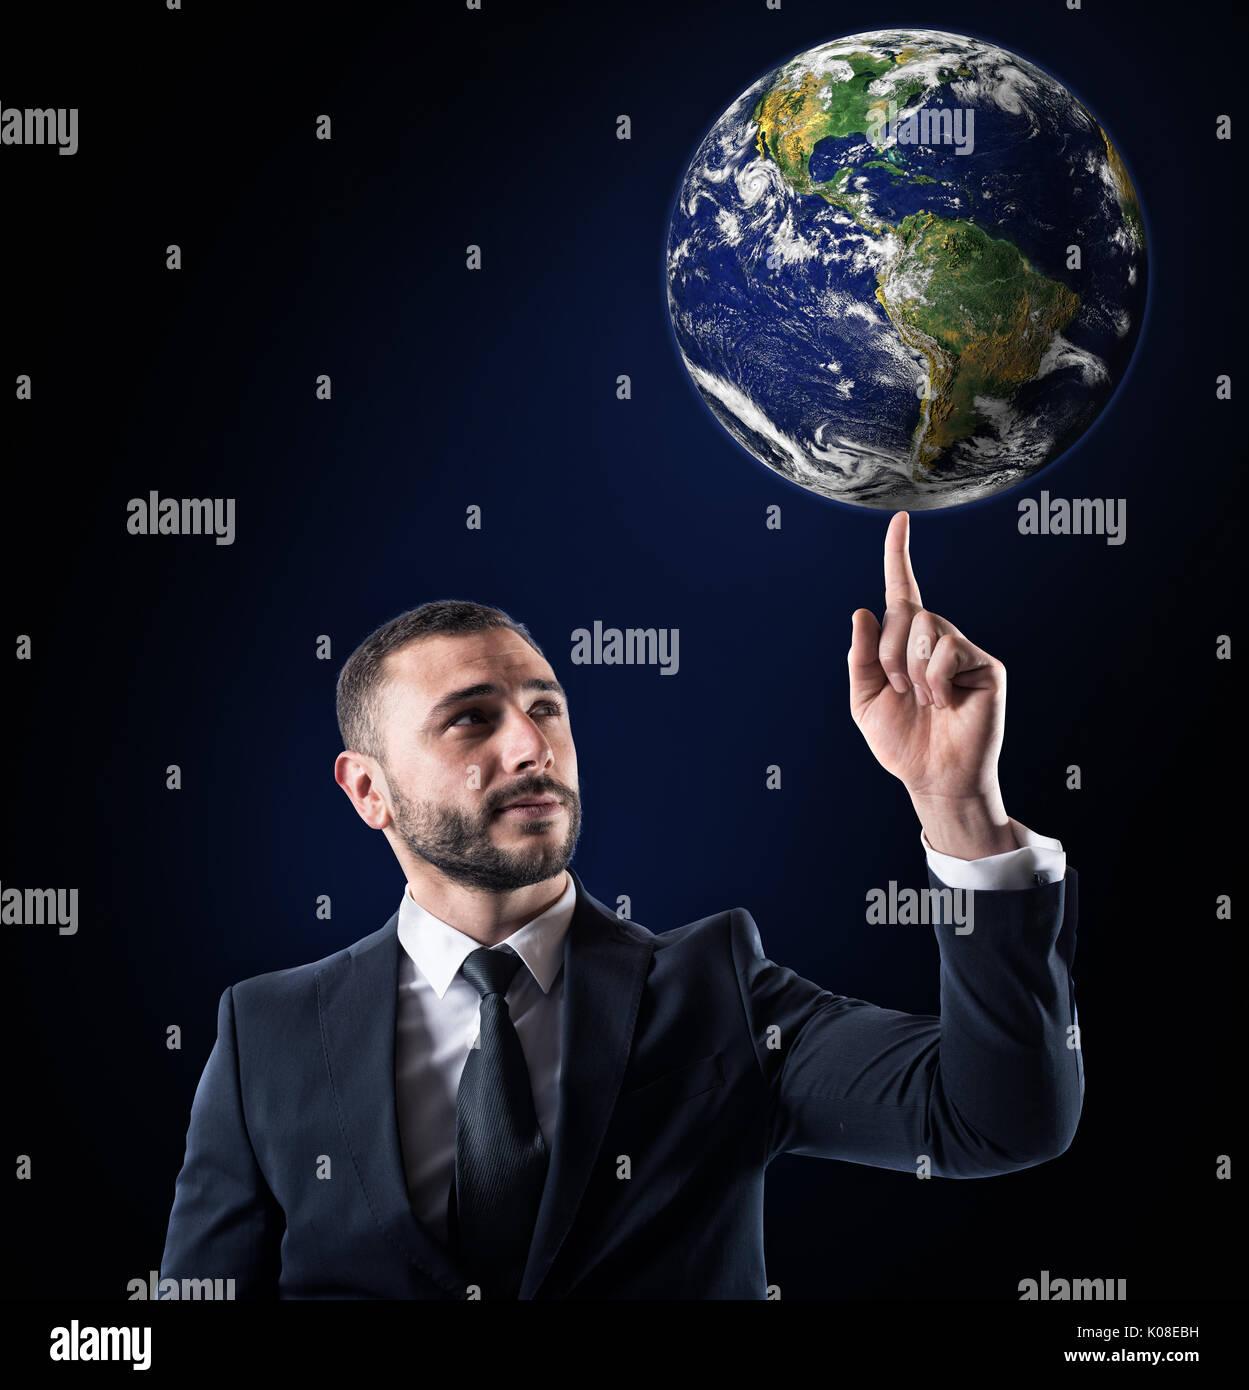 El empresario mantiene al mundo con un dedo. Mundo proporcionadas por la NASA Imagen De Stock